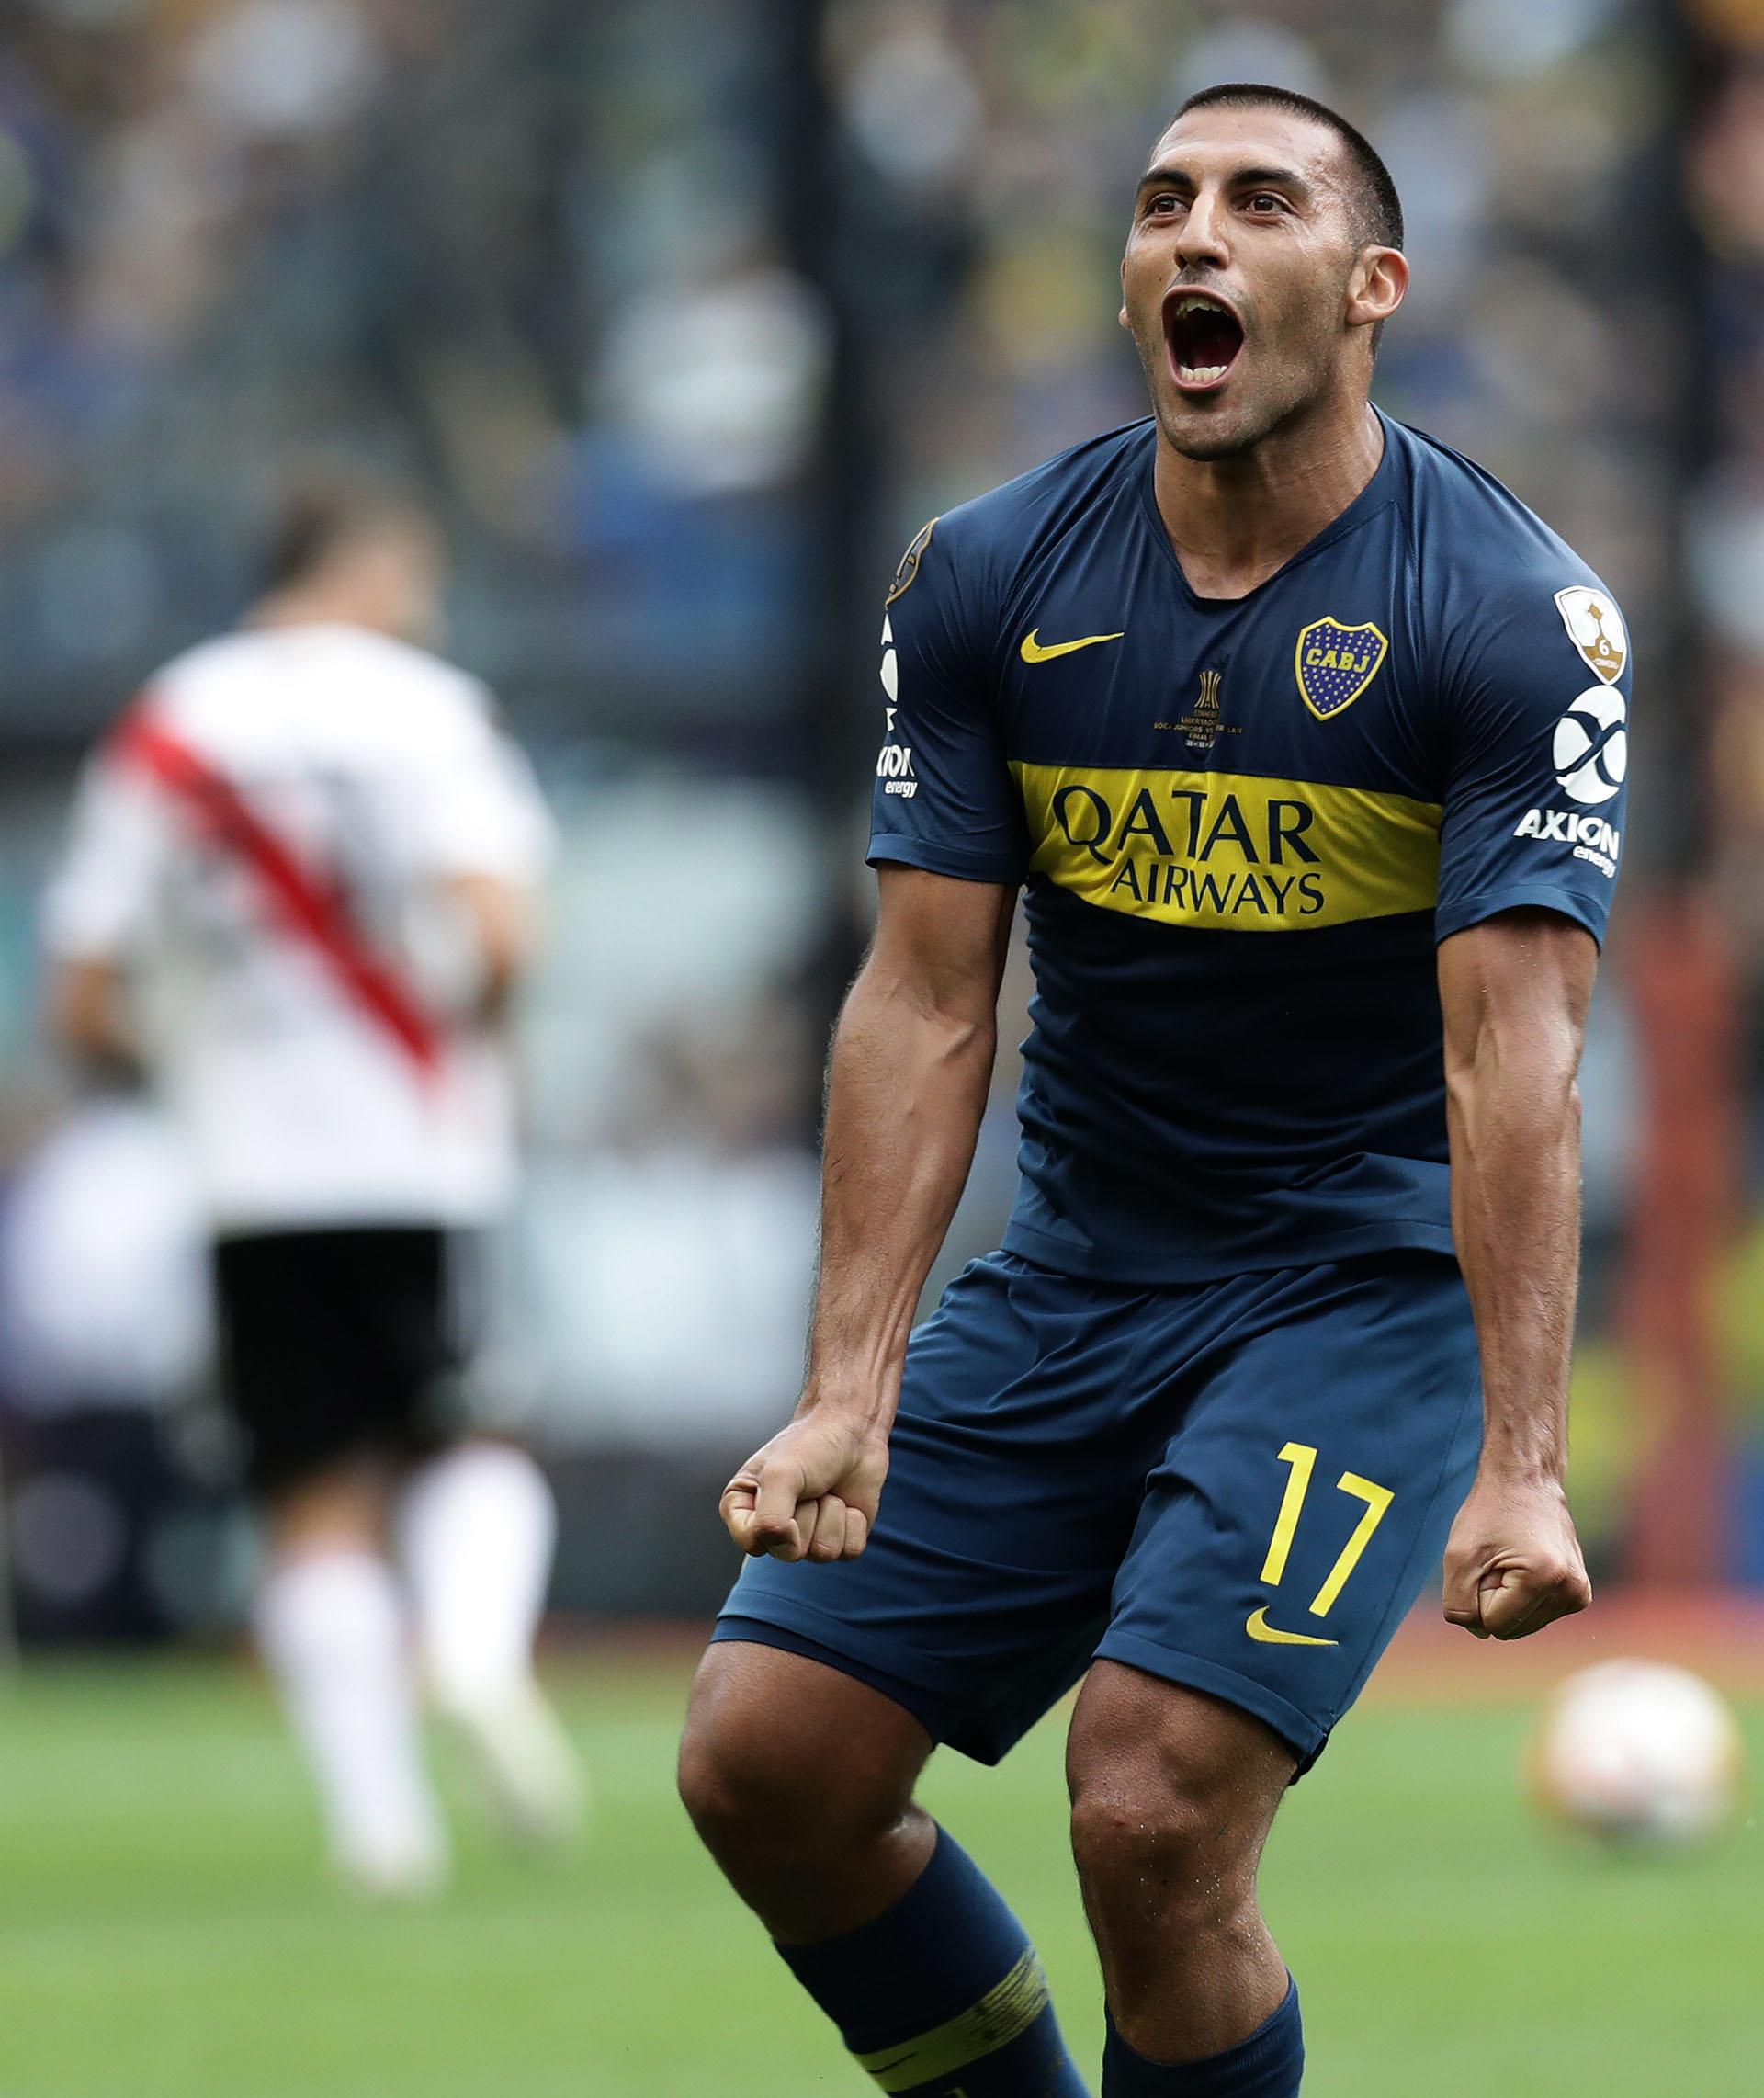 El delantero ya le había marcado al Palmeiras en la semifinal